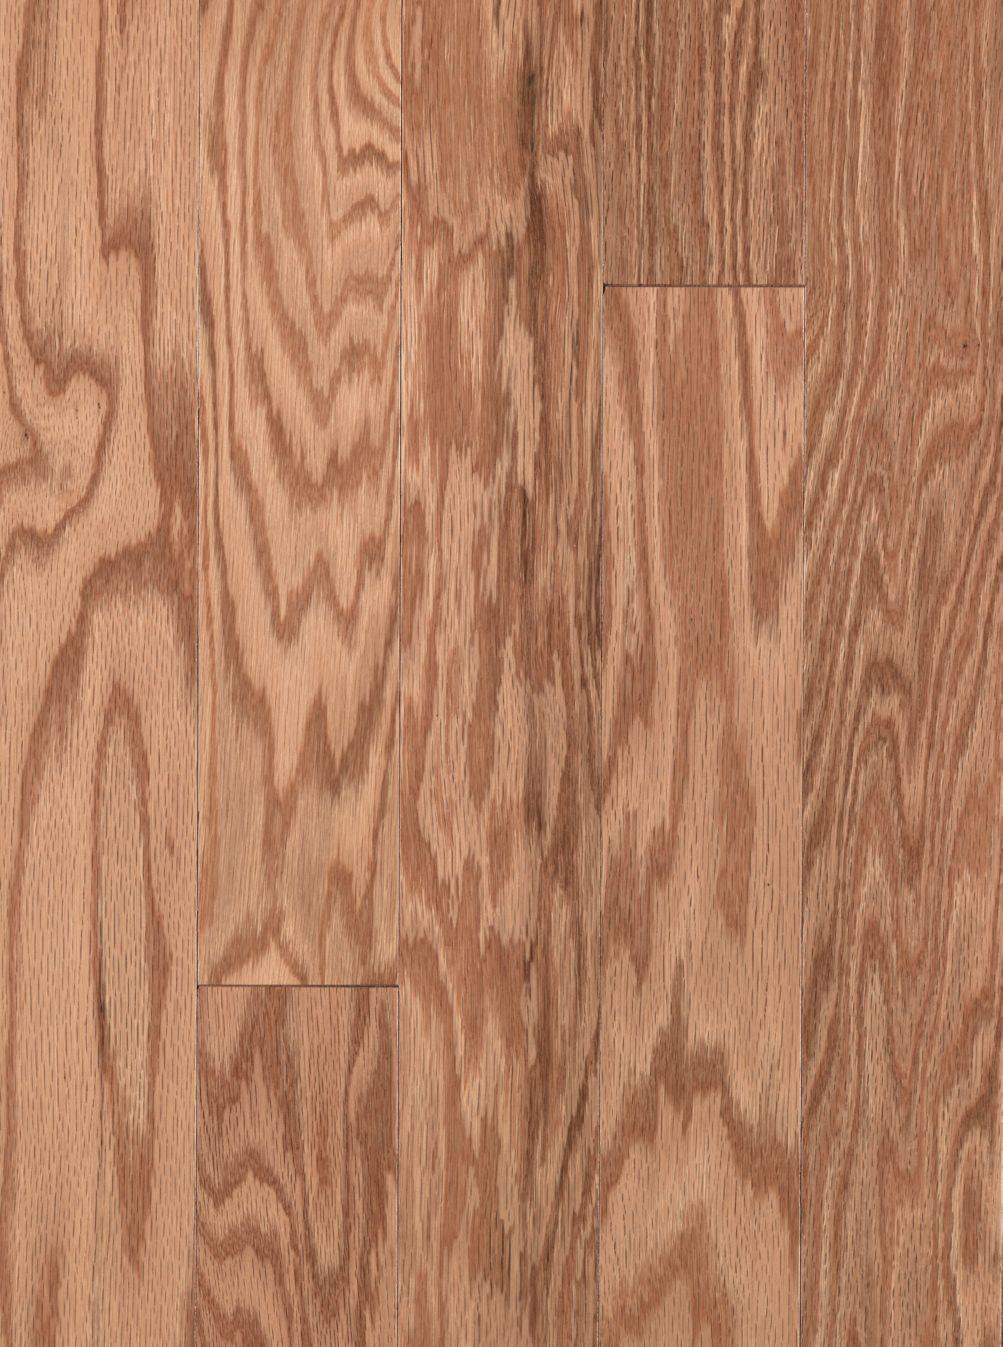 Crawford Oak 5 Natural Oak 10